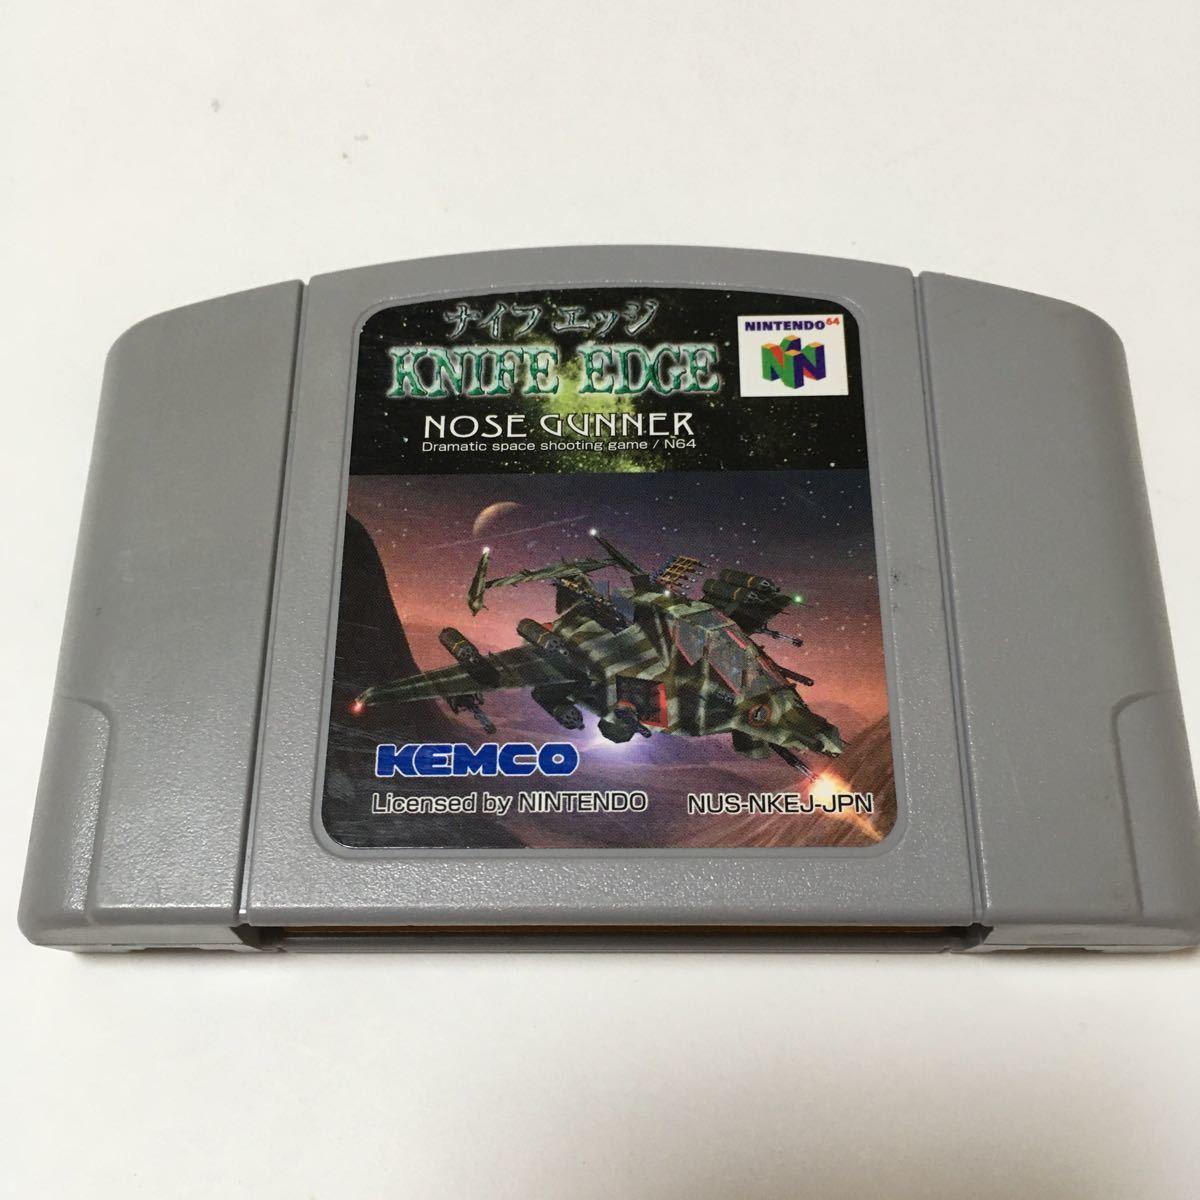 ニンテンドー64 ソフト ナイフエッジ 動作確認済み レトロ ゲーム 任天堂 カセット